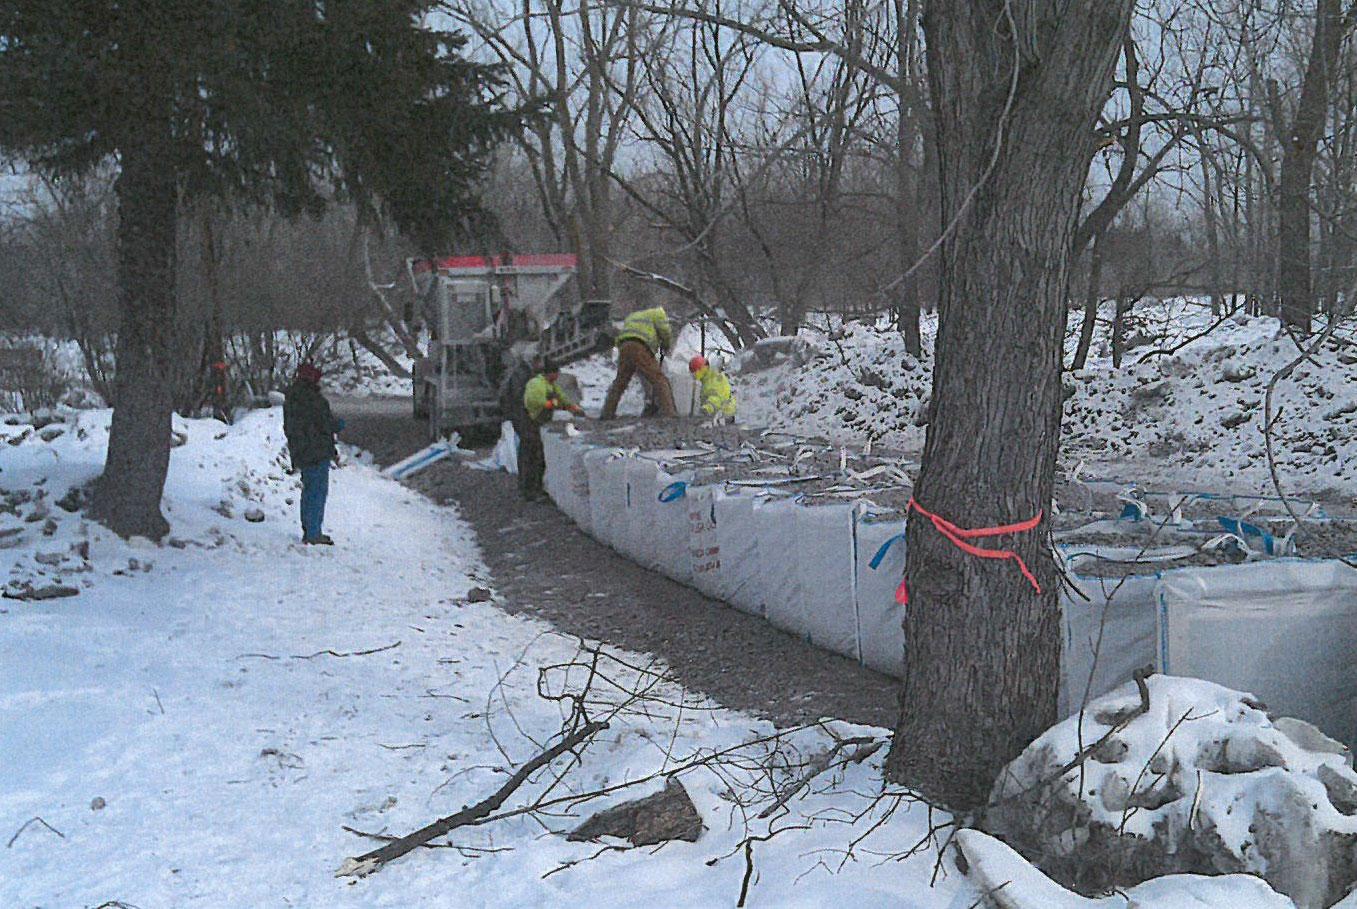 West Seneca Temporary Flood Wall Mclaughlin